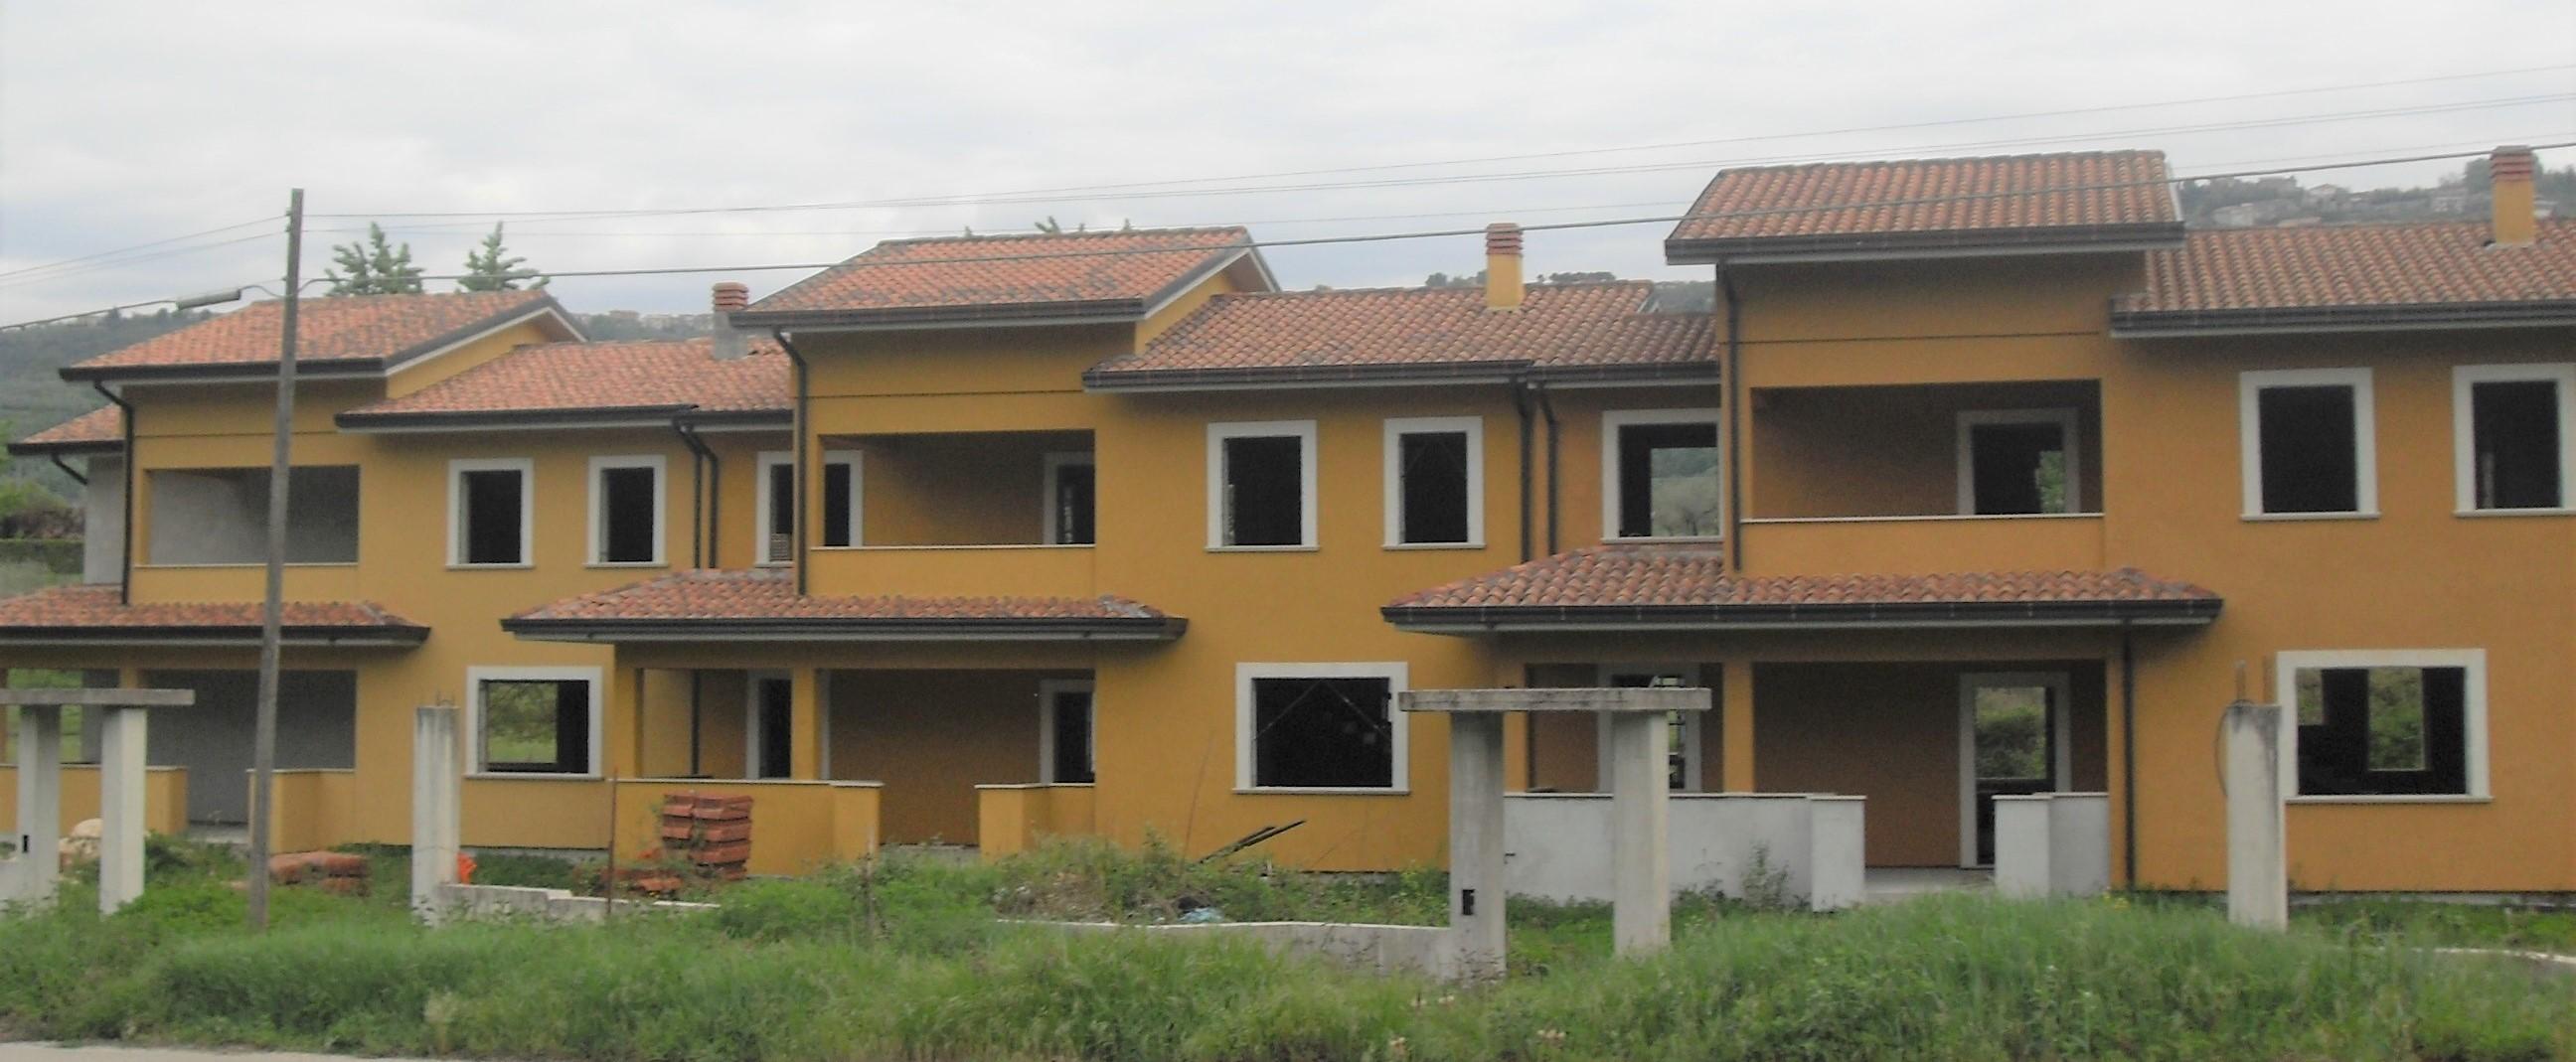 Villette nuova costruzione in vendita primacasa agenzia immobiliare - Agevolazioni costruzione prima casa ...